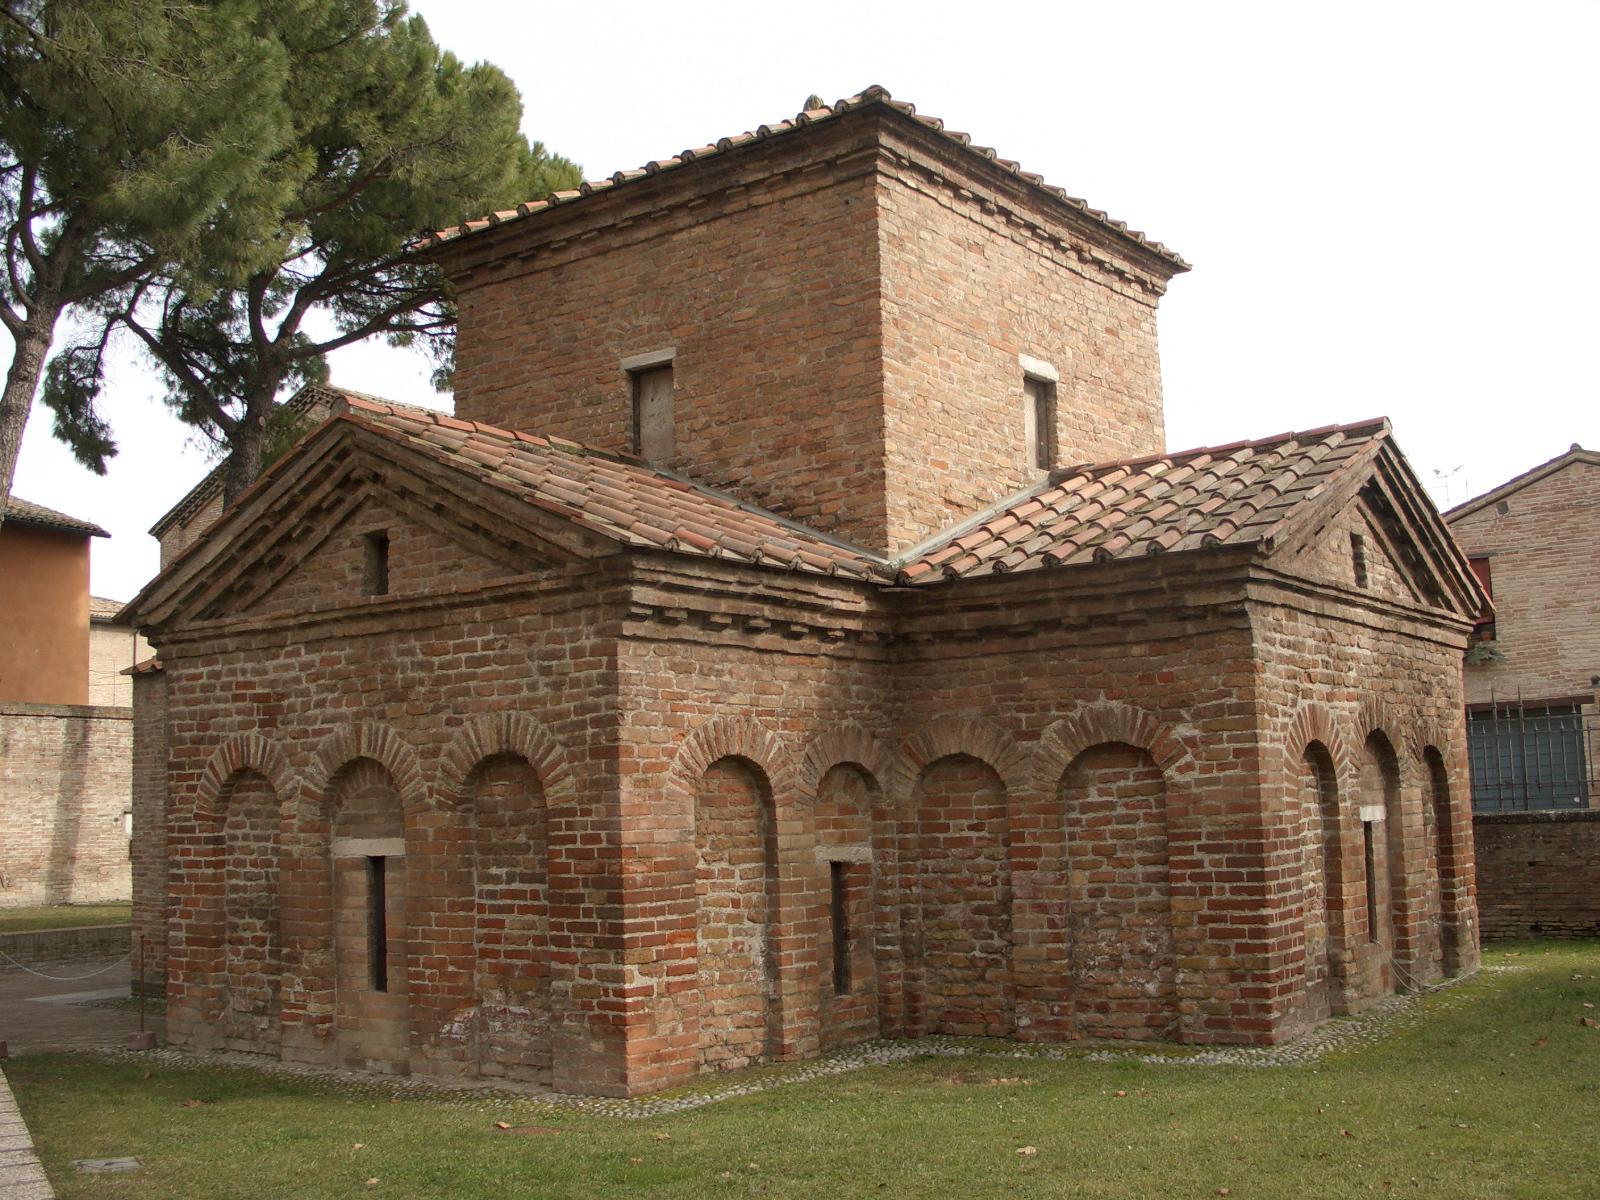 Il mausoleo di Galla Placidia a Ravenna